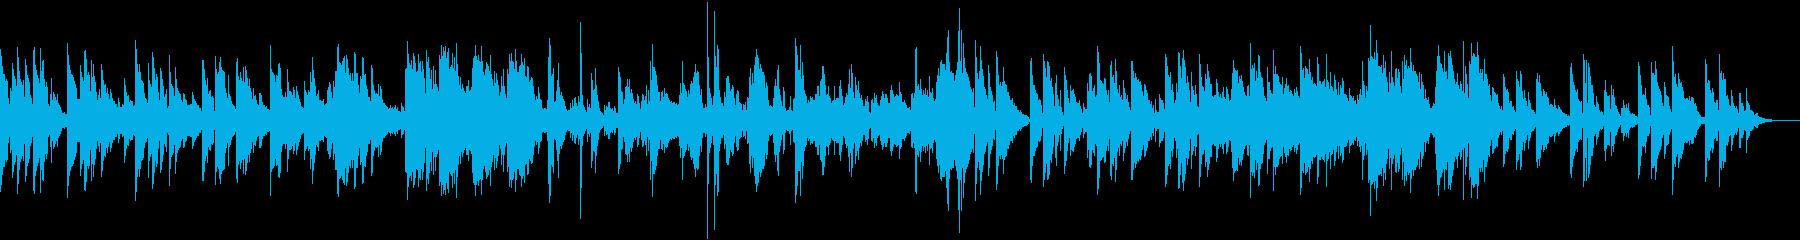 アコギのアンサンブルが美しいの再生済みの波形